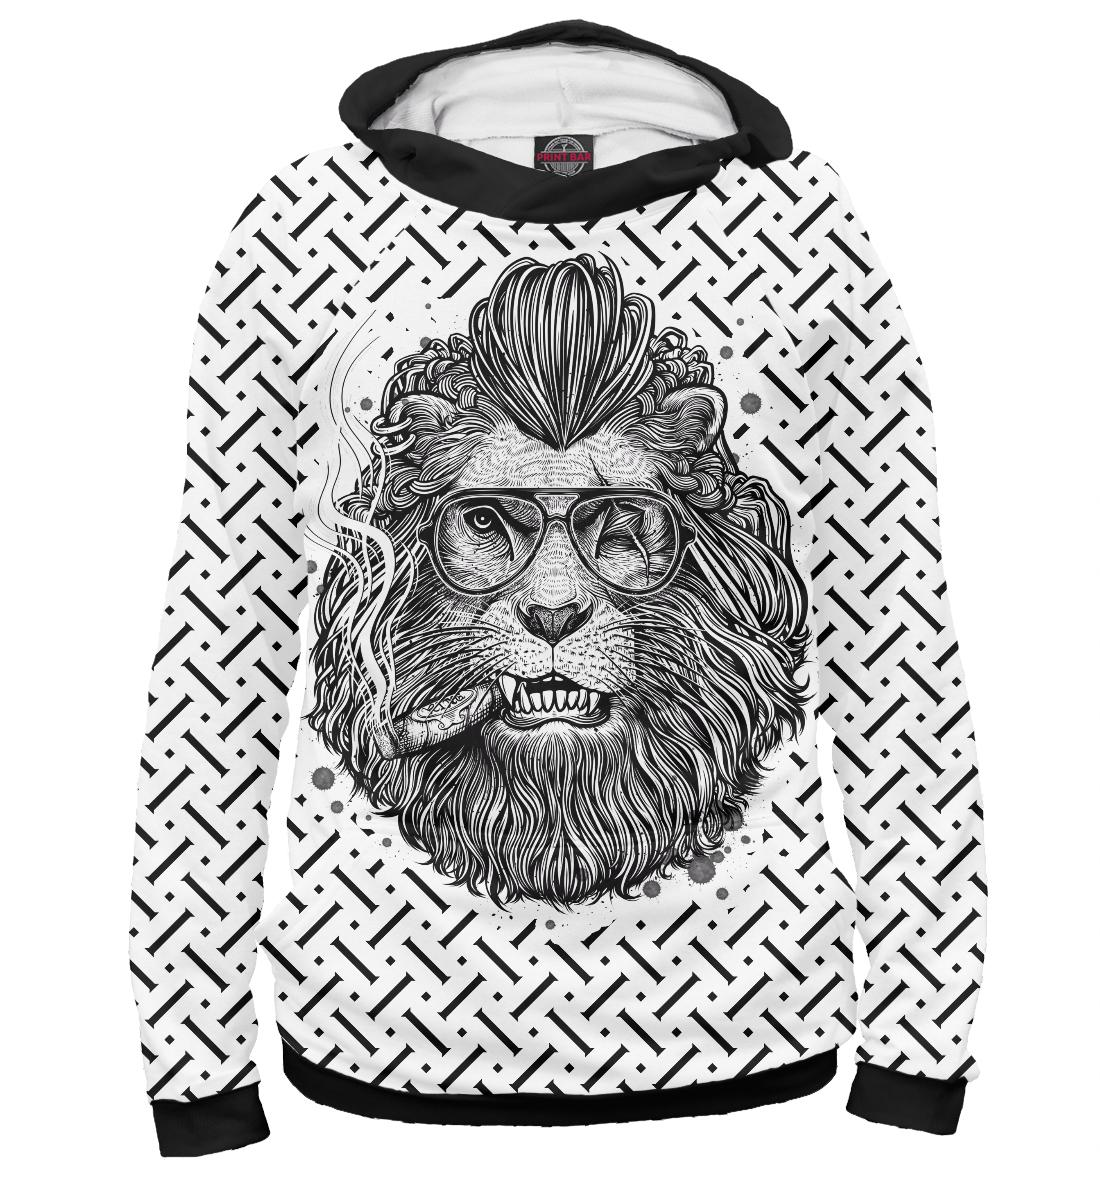 Lion King lion king london